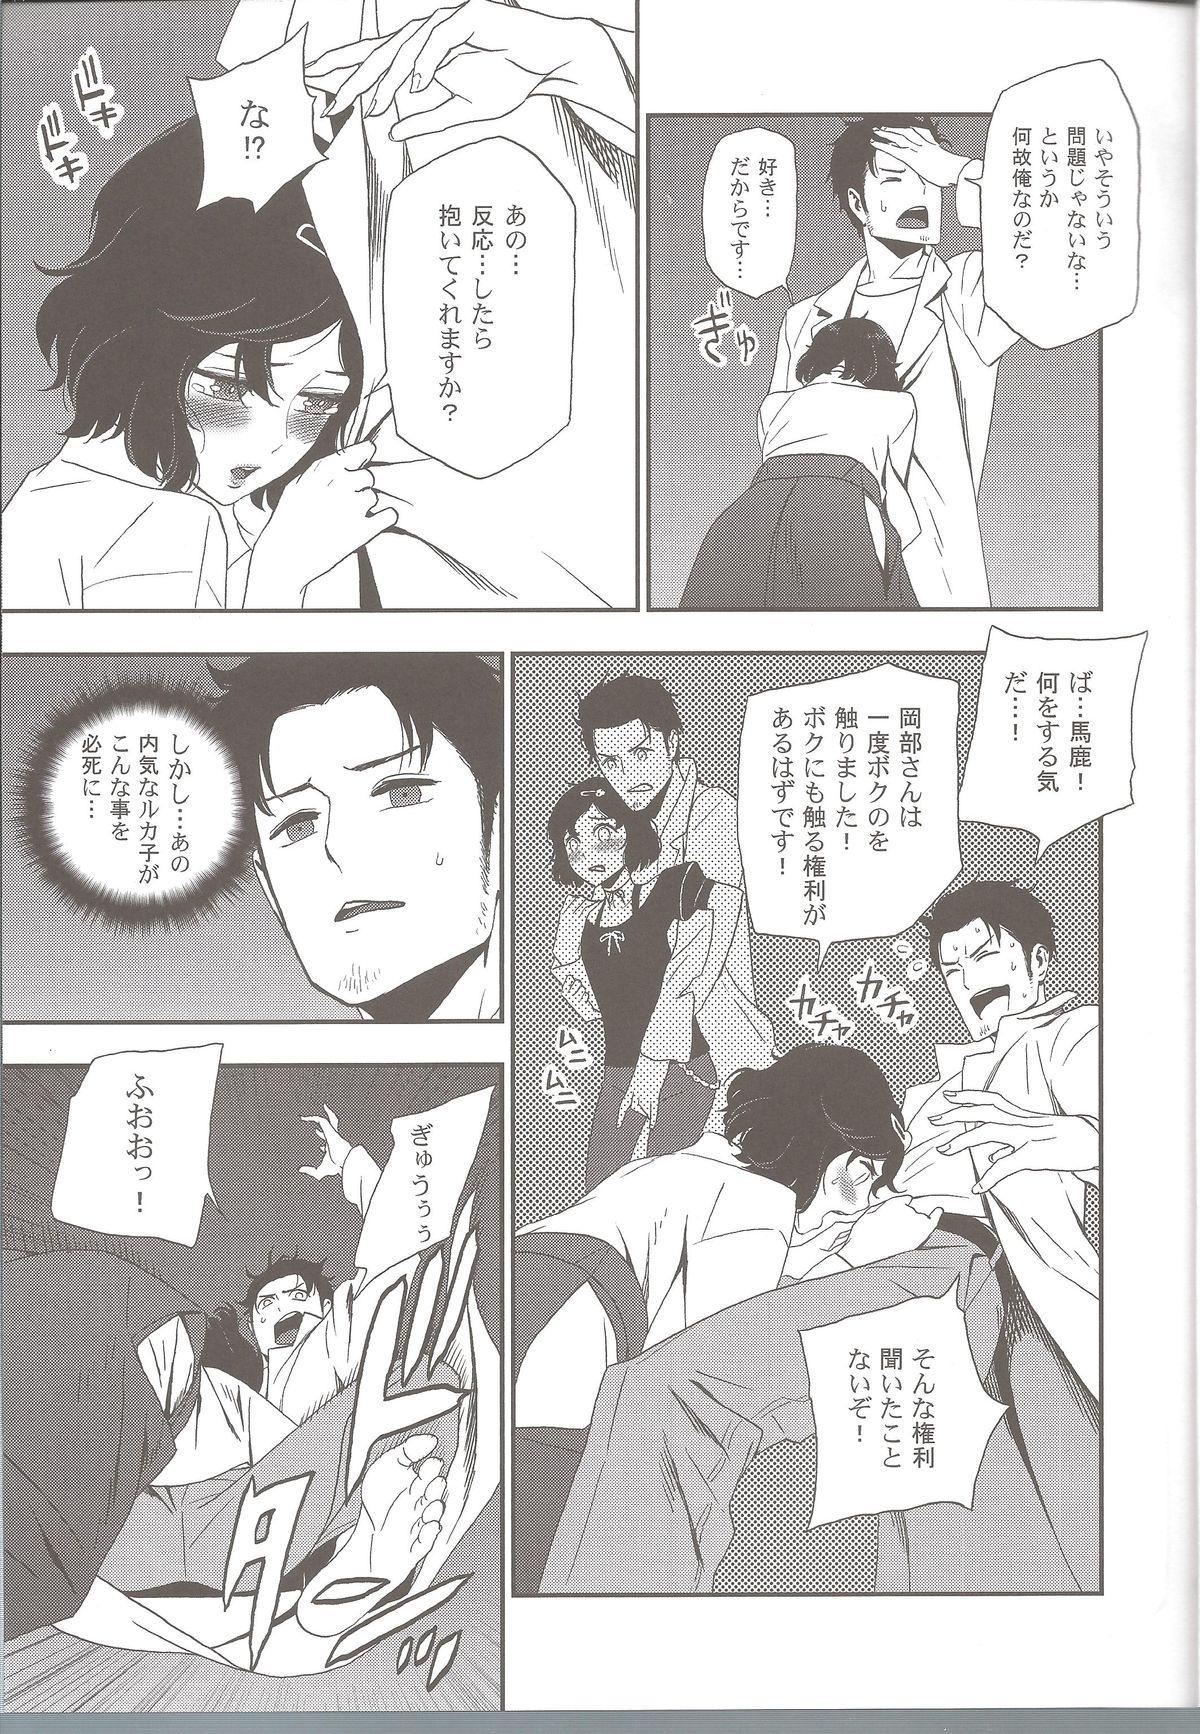 Shiiseishou no Maria 6